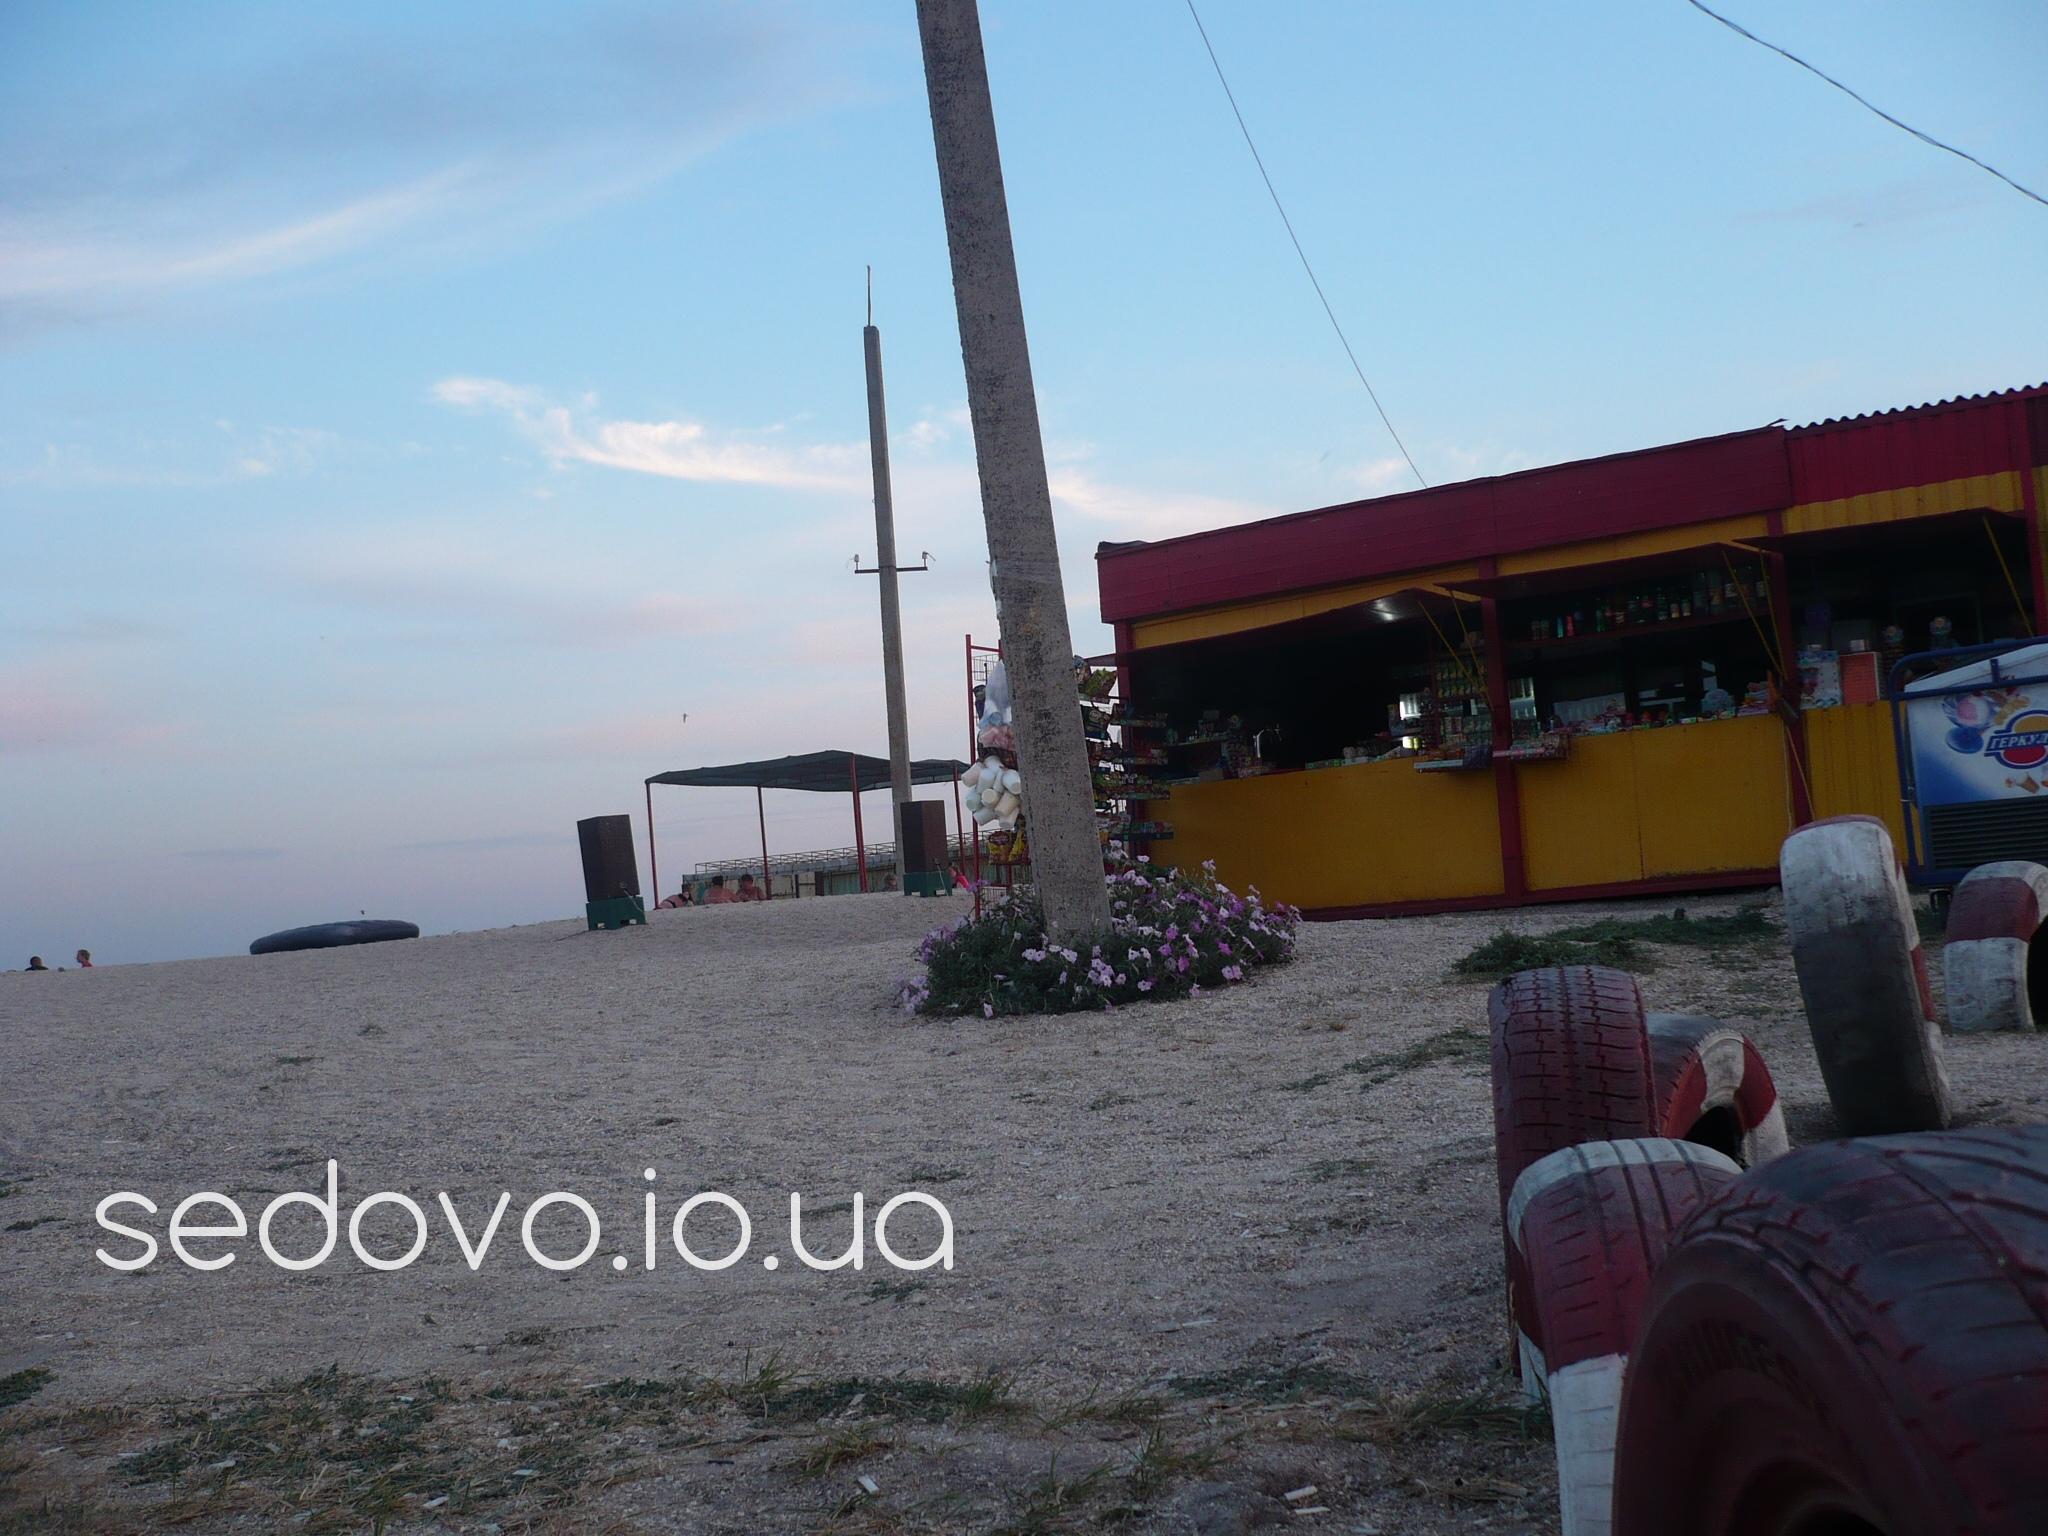 Седово фотографии поселка инфраструктура пляжи